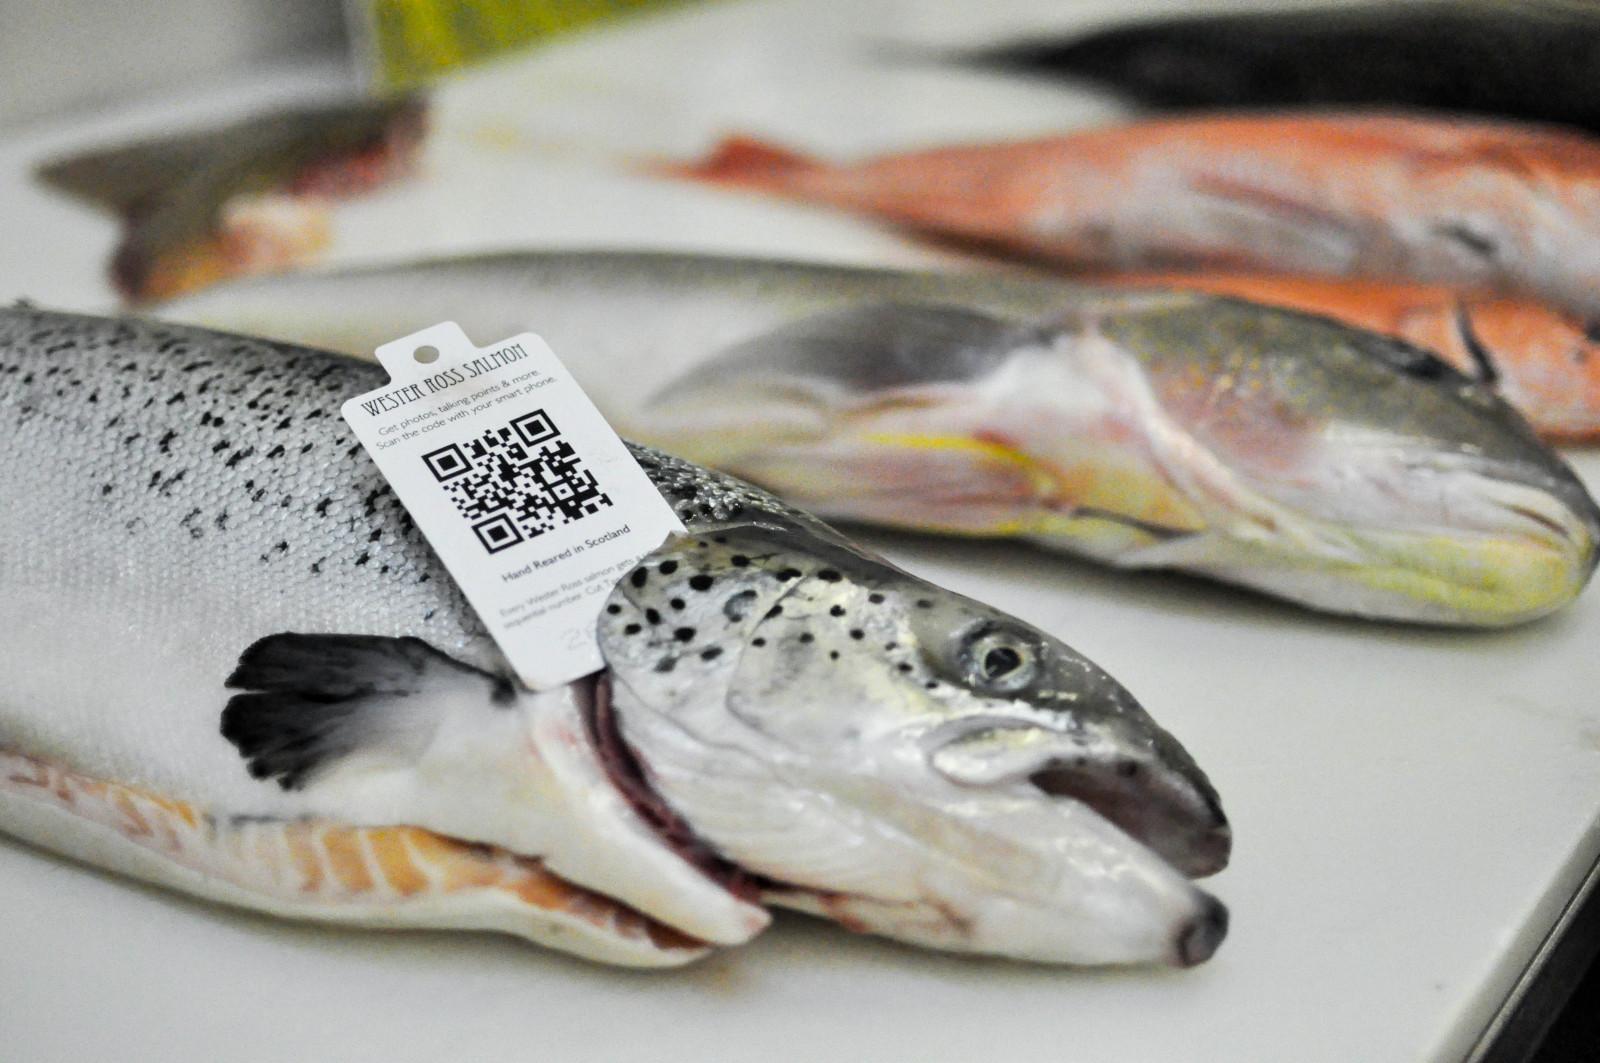 EVFTA - Cơ hội và thách thức đối với ngành thủy sản Việt Nam